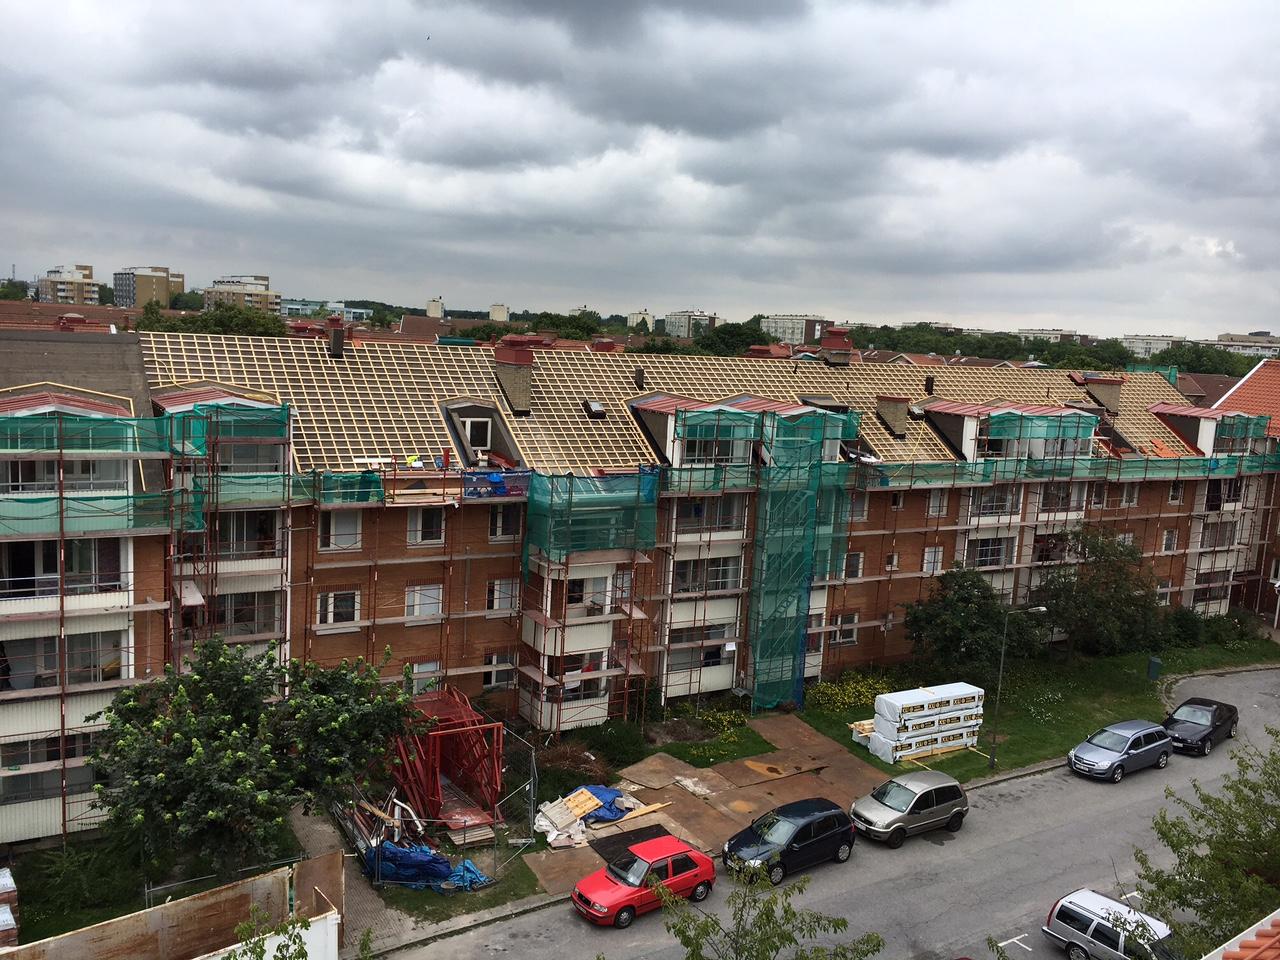 Pågående takrenovering